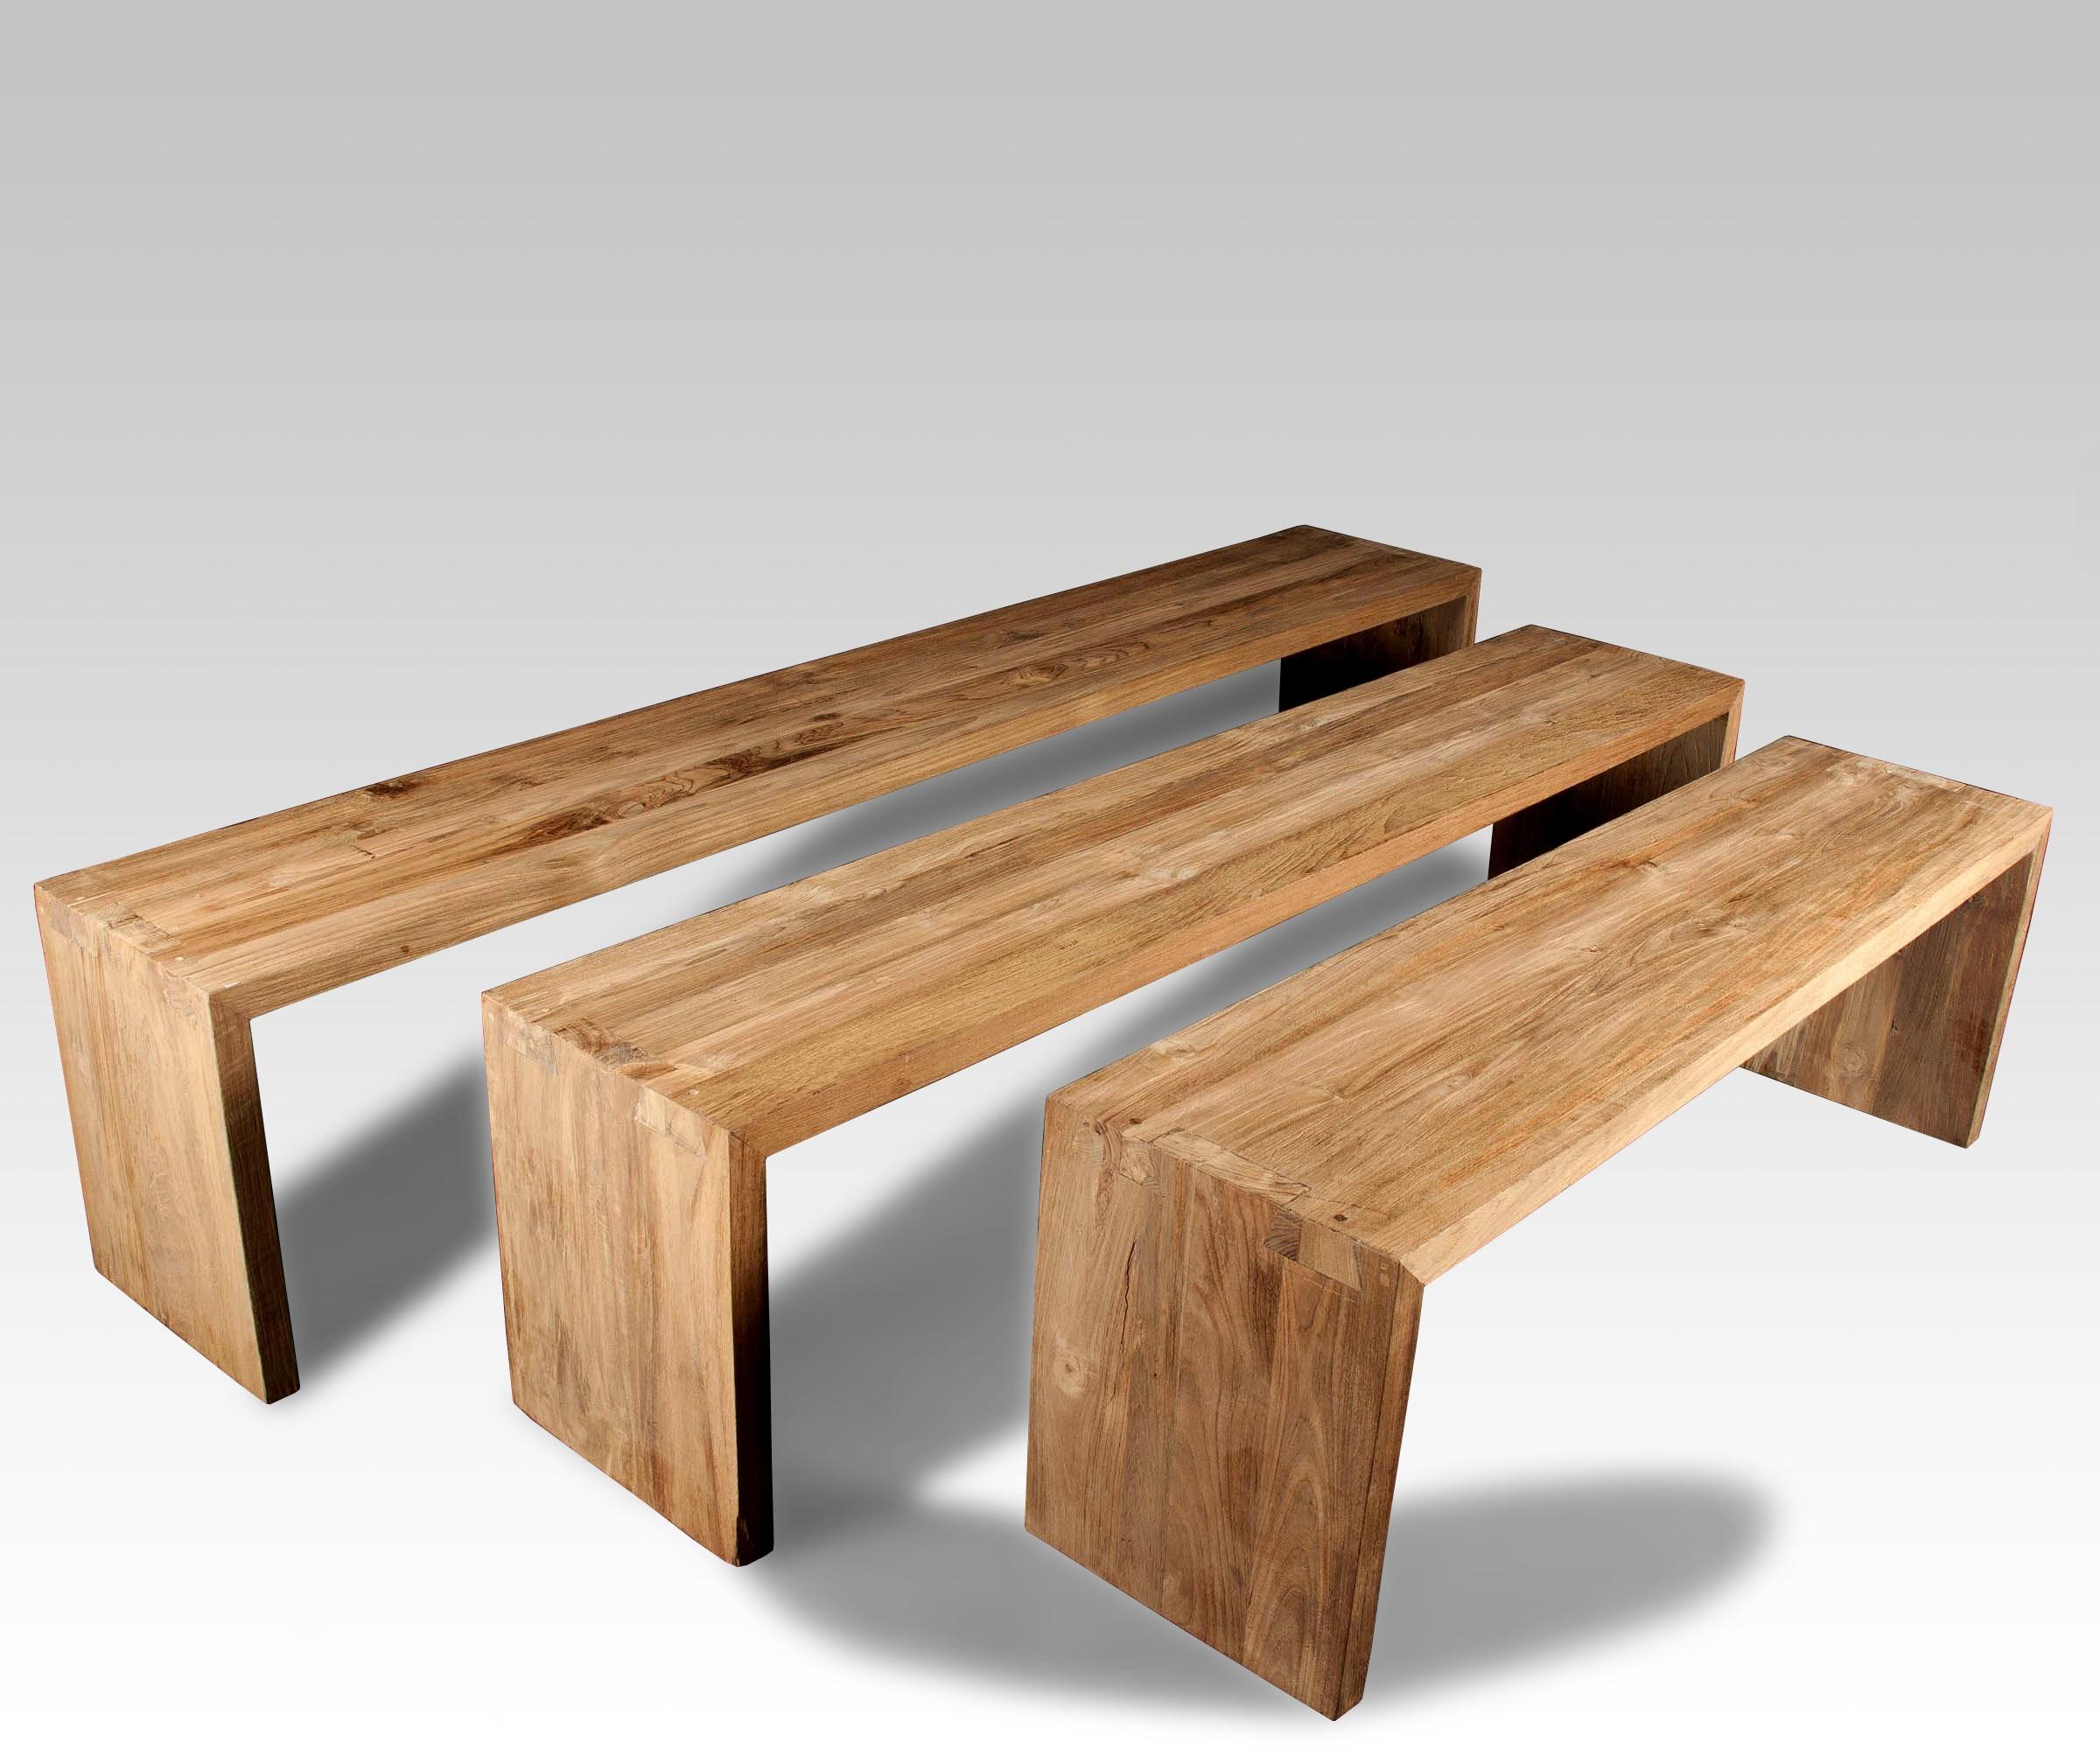 Bancos y bancos de madera batavia for Banco baul exterior